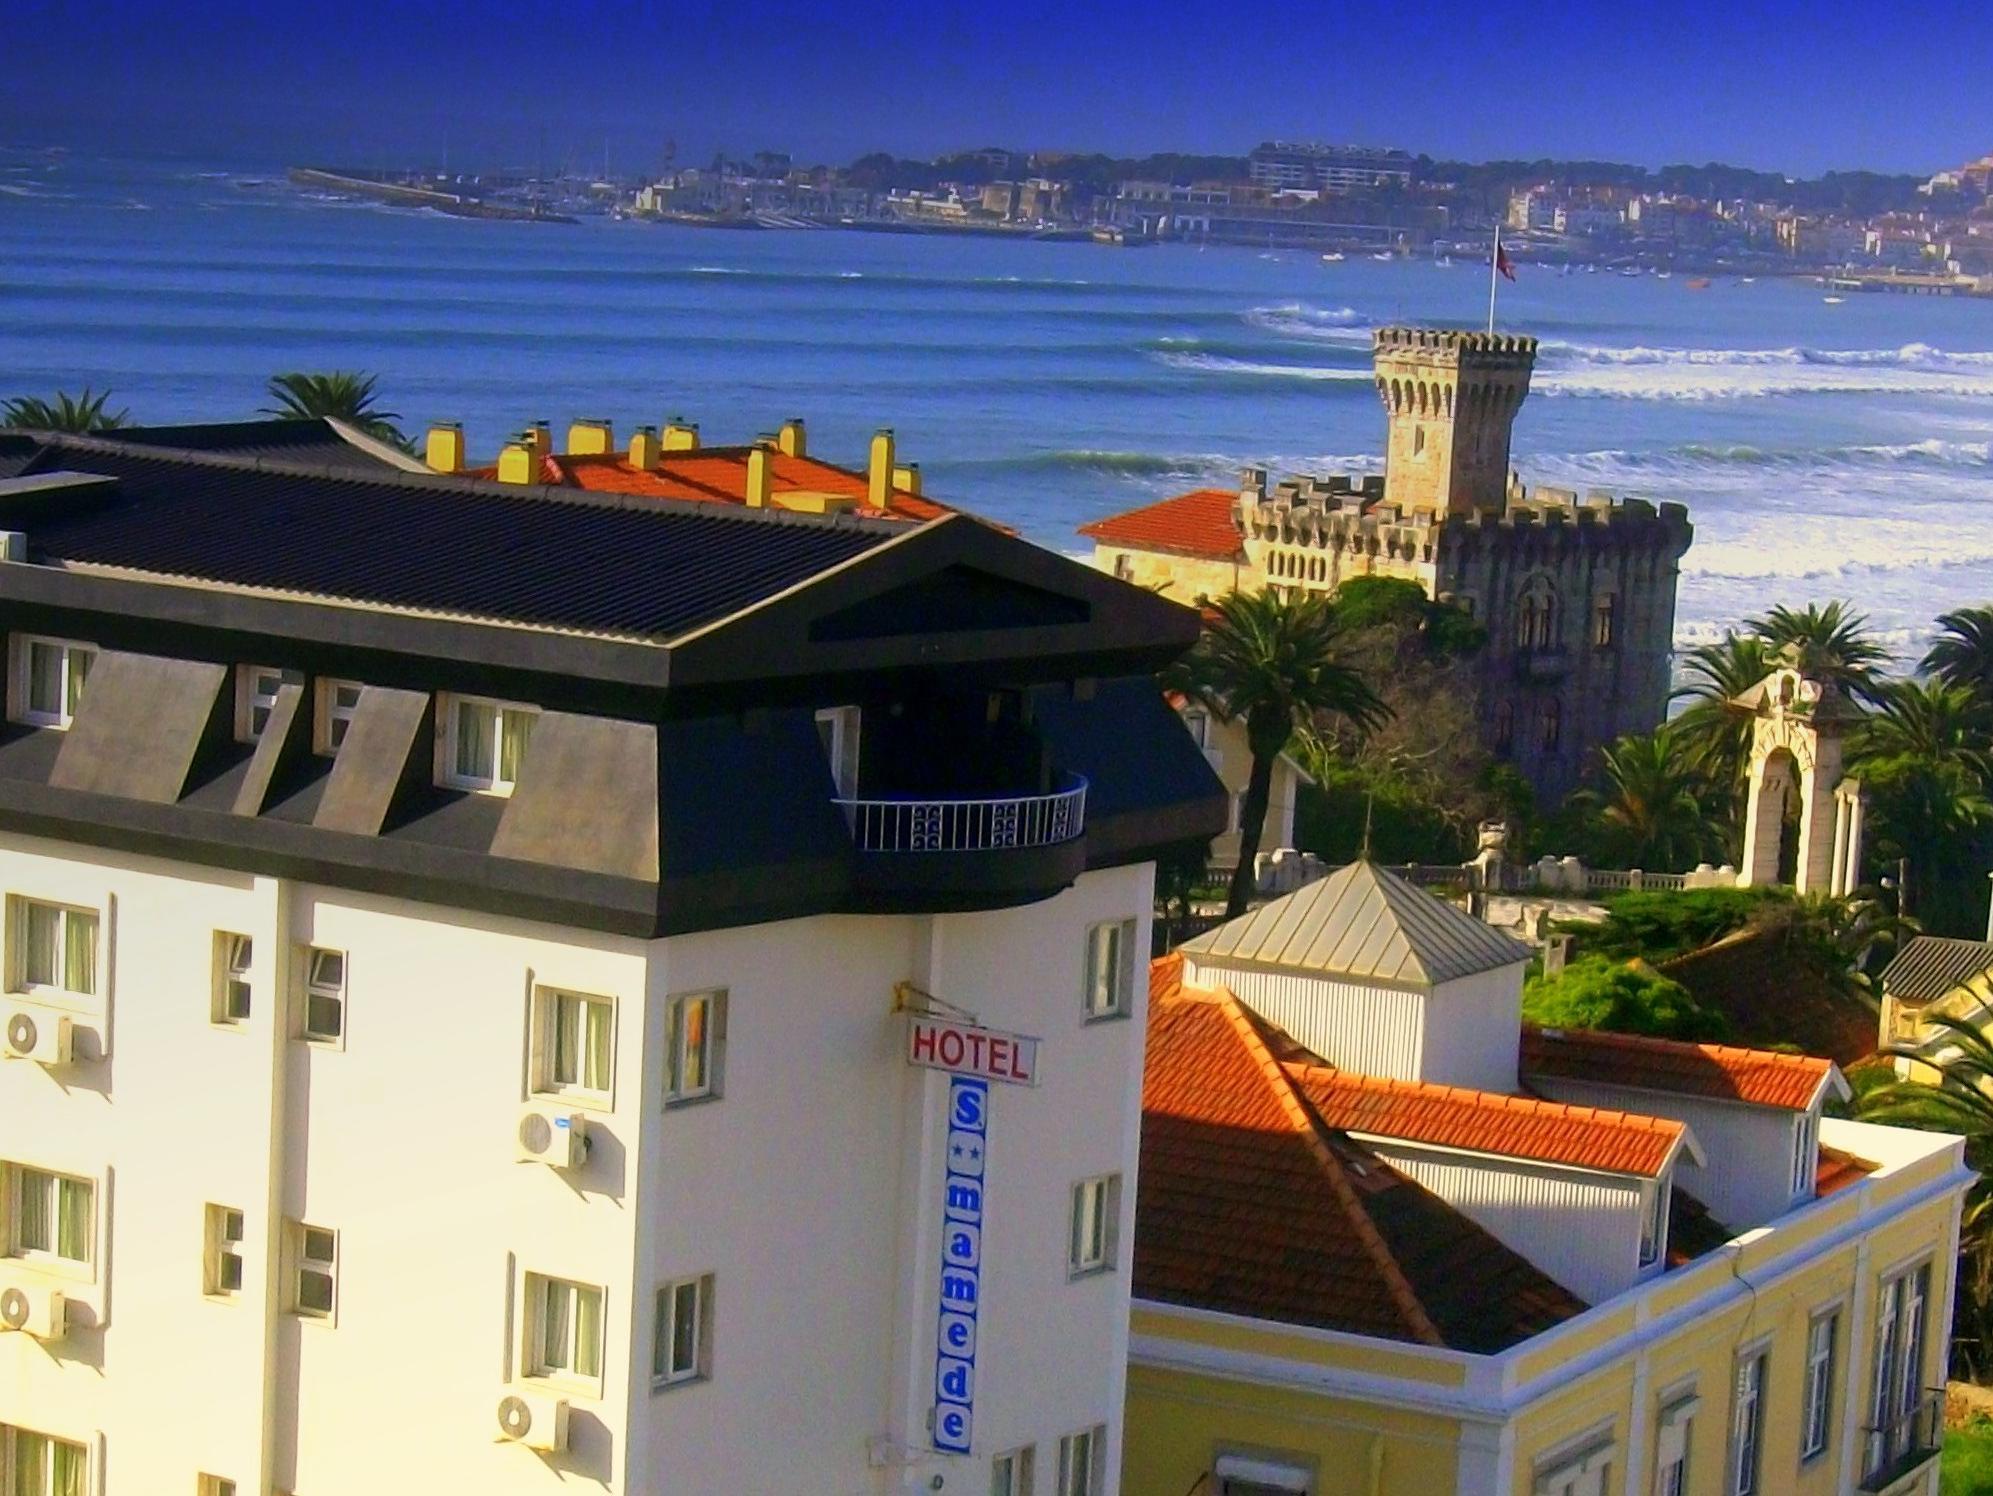 Hotel Sao Mamede, Cascais